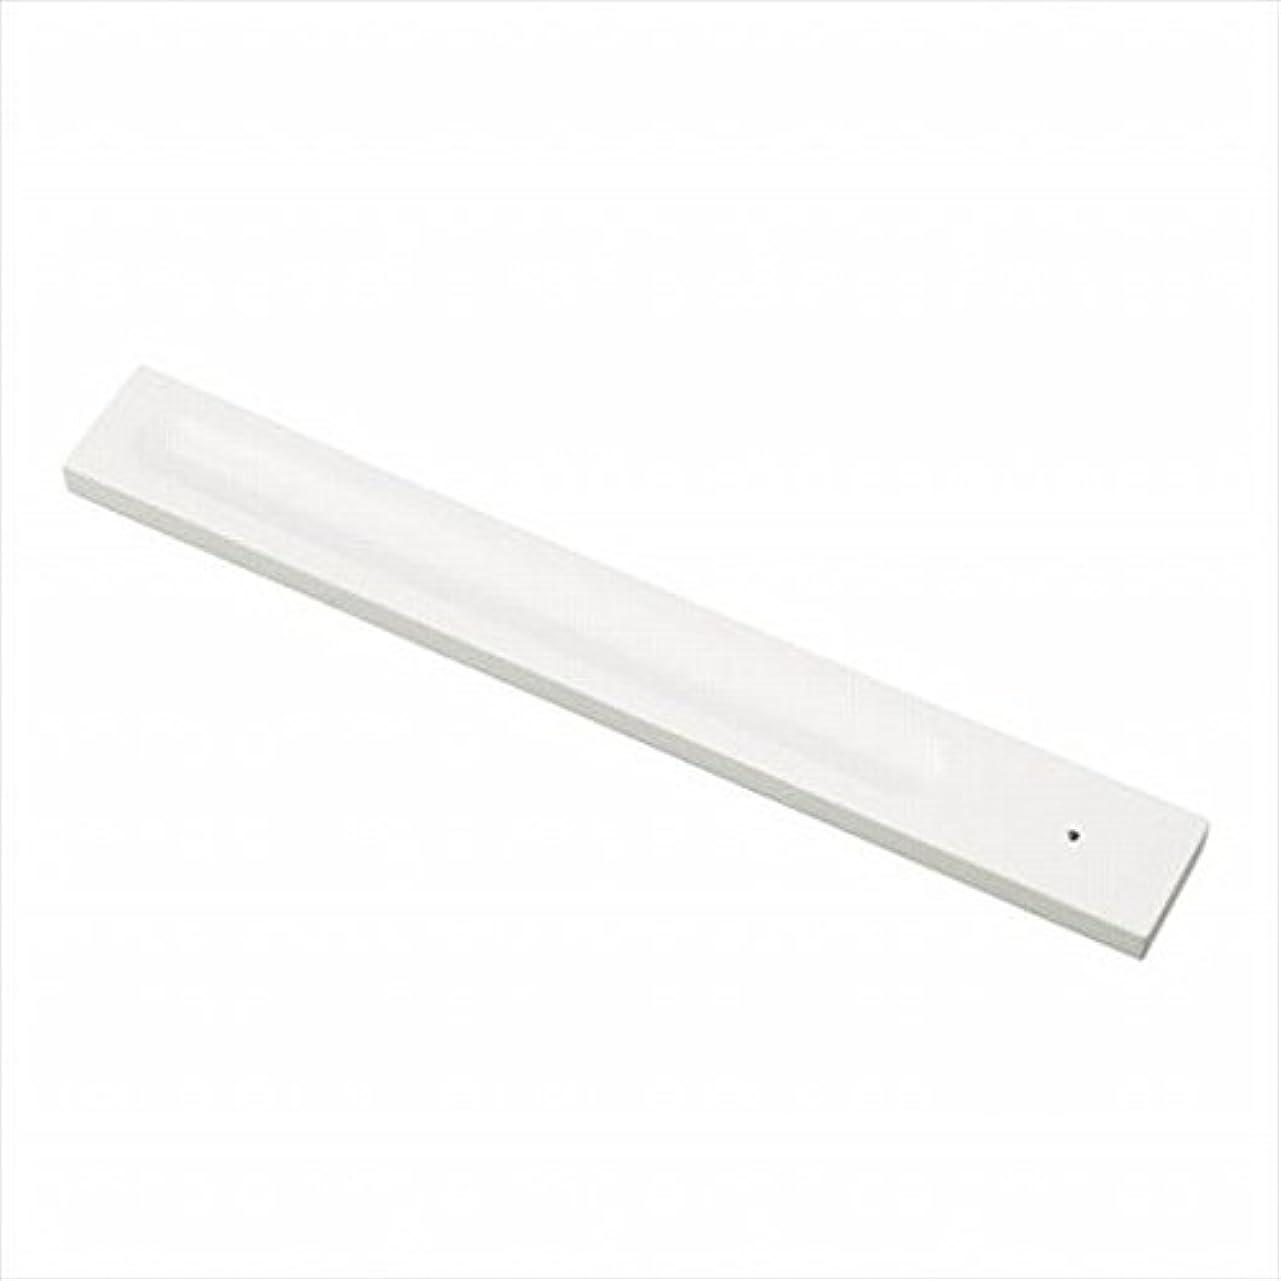 媒染剤余韻役立つkameyama candle(カメヤマキャンドル) バンブーインセンス用ホルダースクエア 「 ホワイト 」 キャンドル 30x246x9mm (E3130000W)